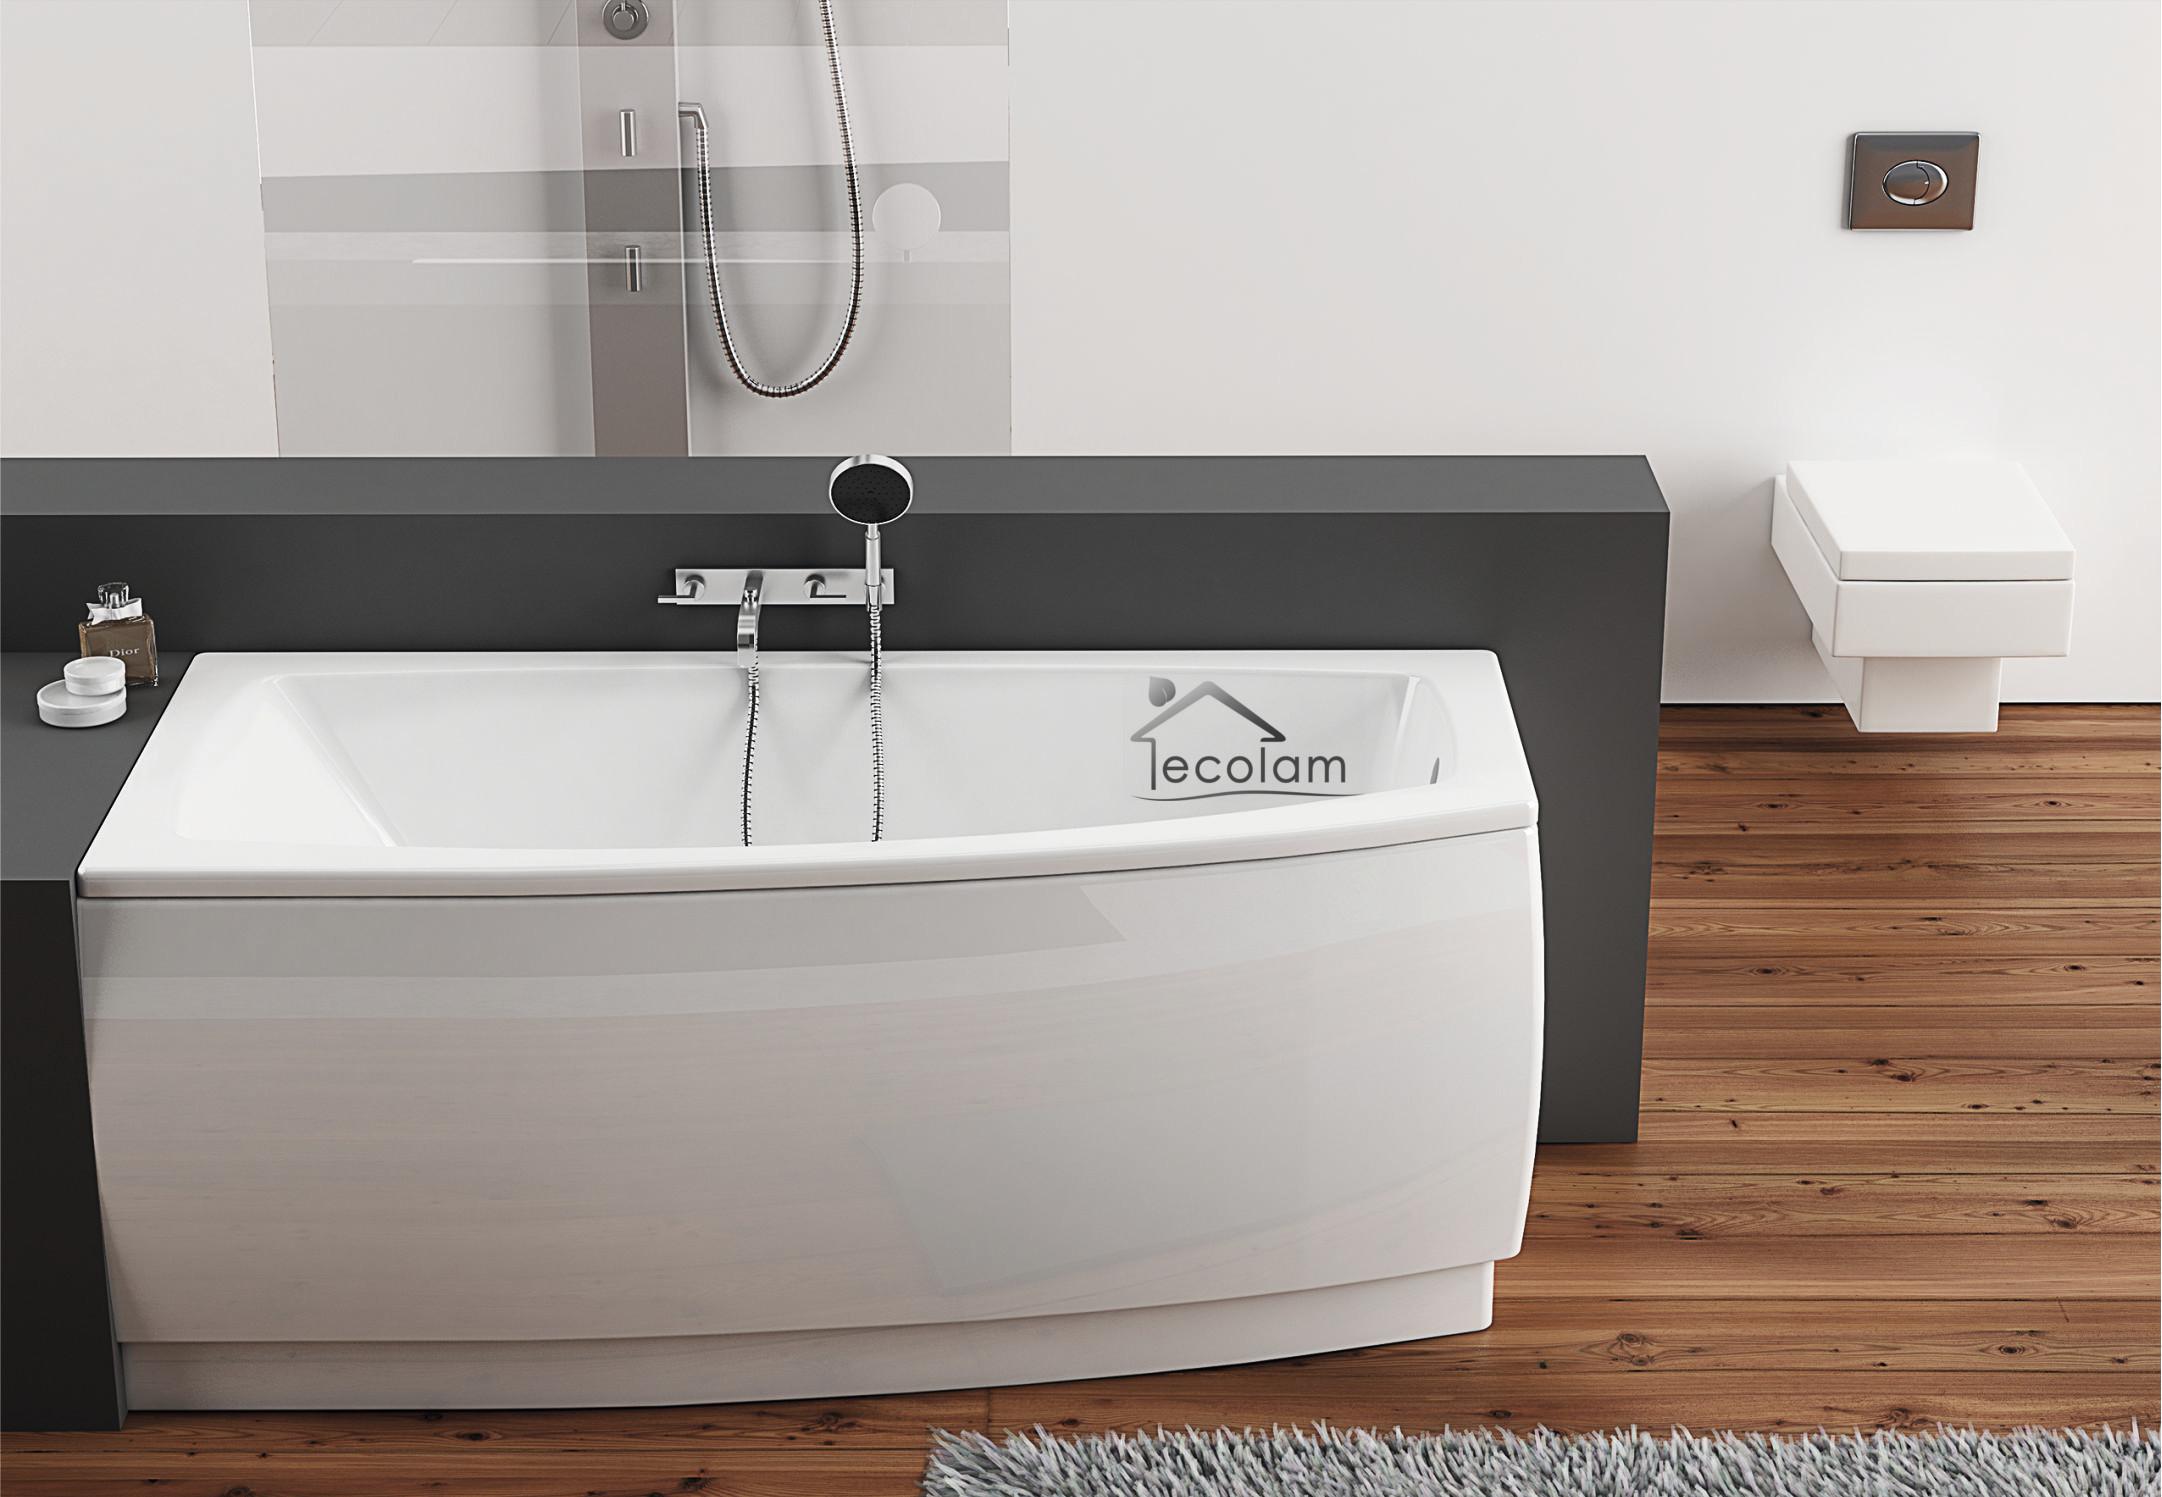 badewanne eckbadewanne wanne 160 x 70 cm ohne mit sch rze acryl ablauf links a a ebay. Black Bedroom Furniture Sets. Home Design Ideas